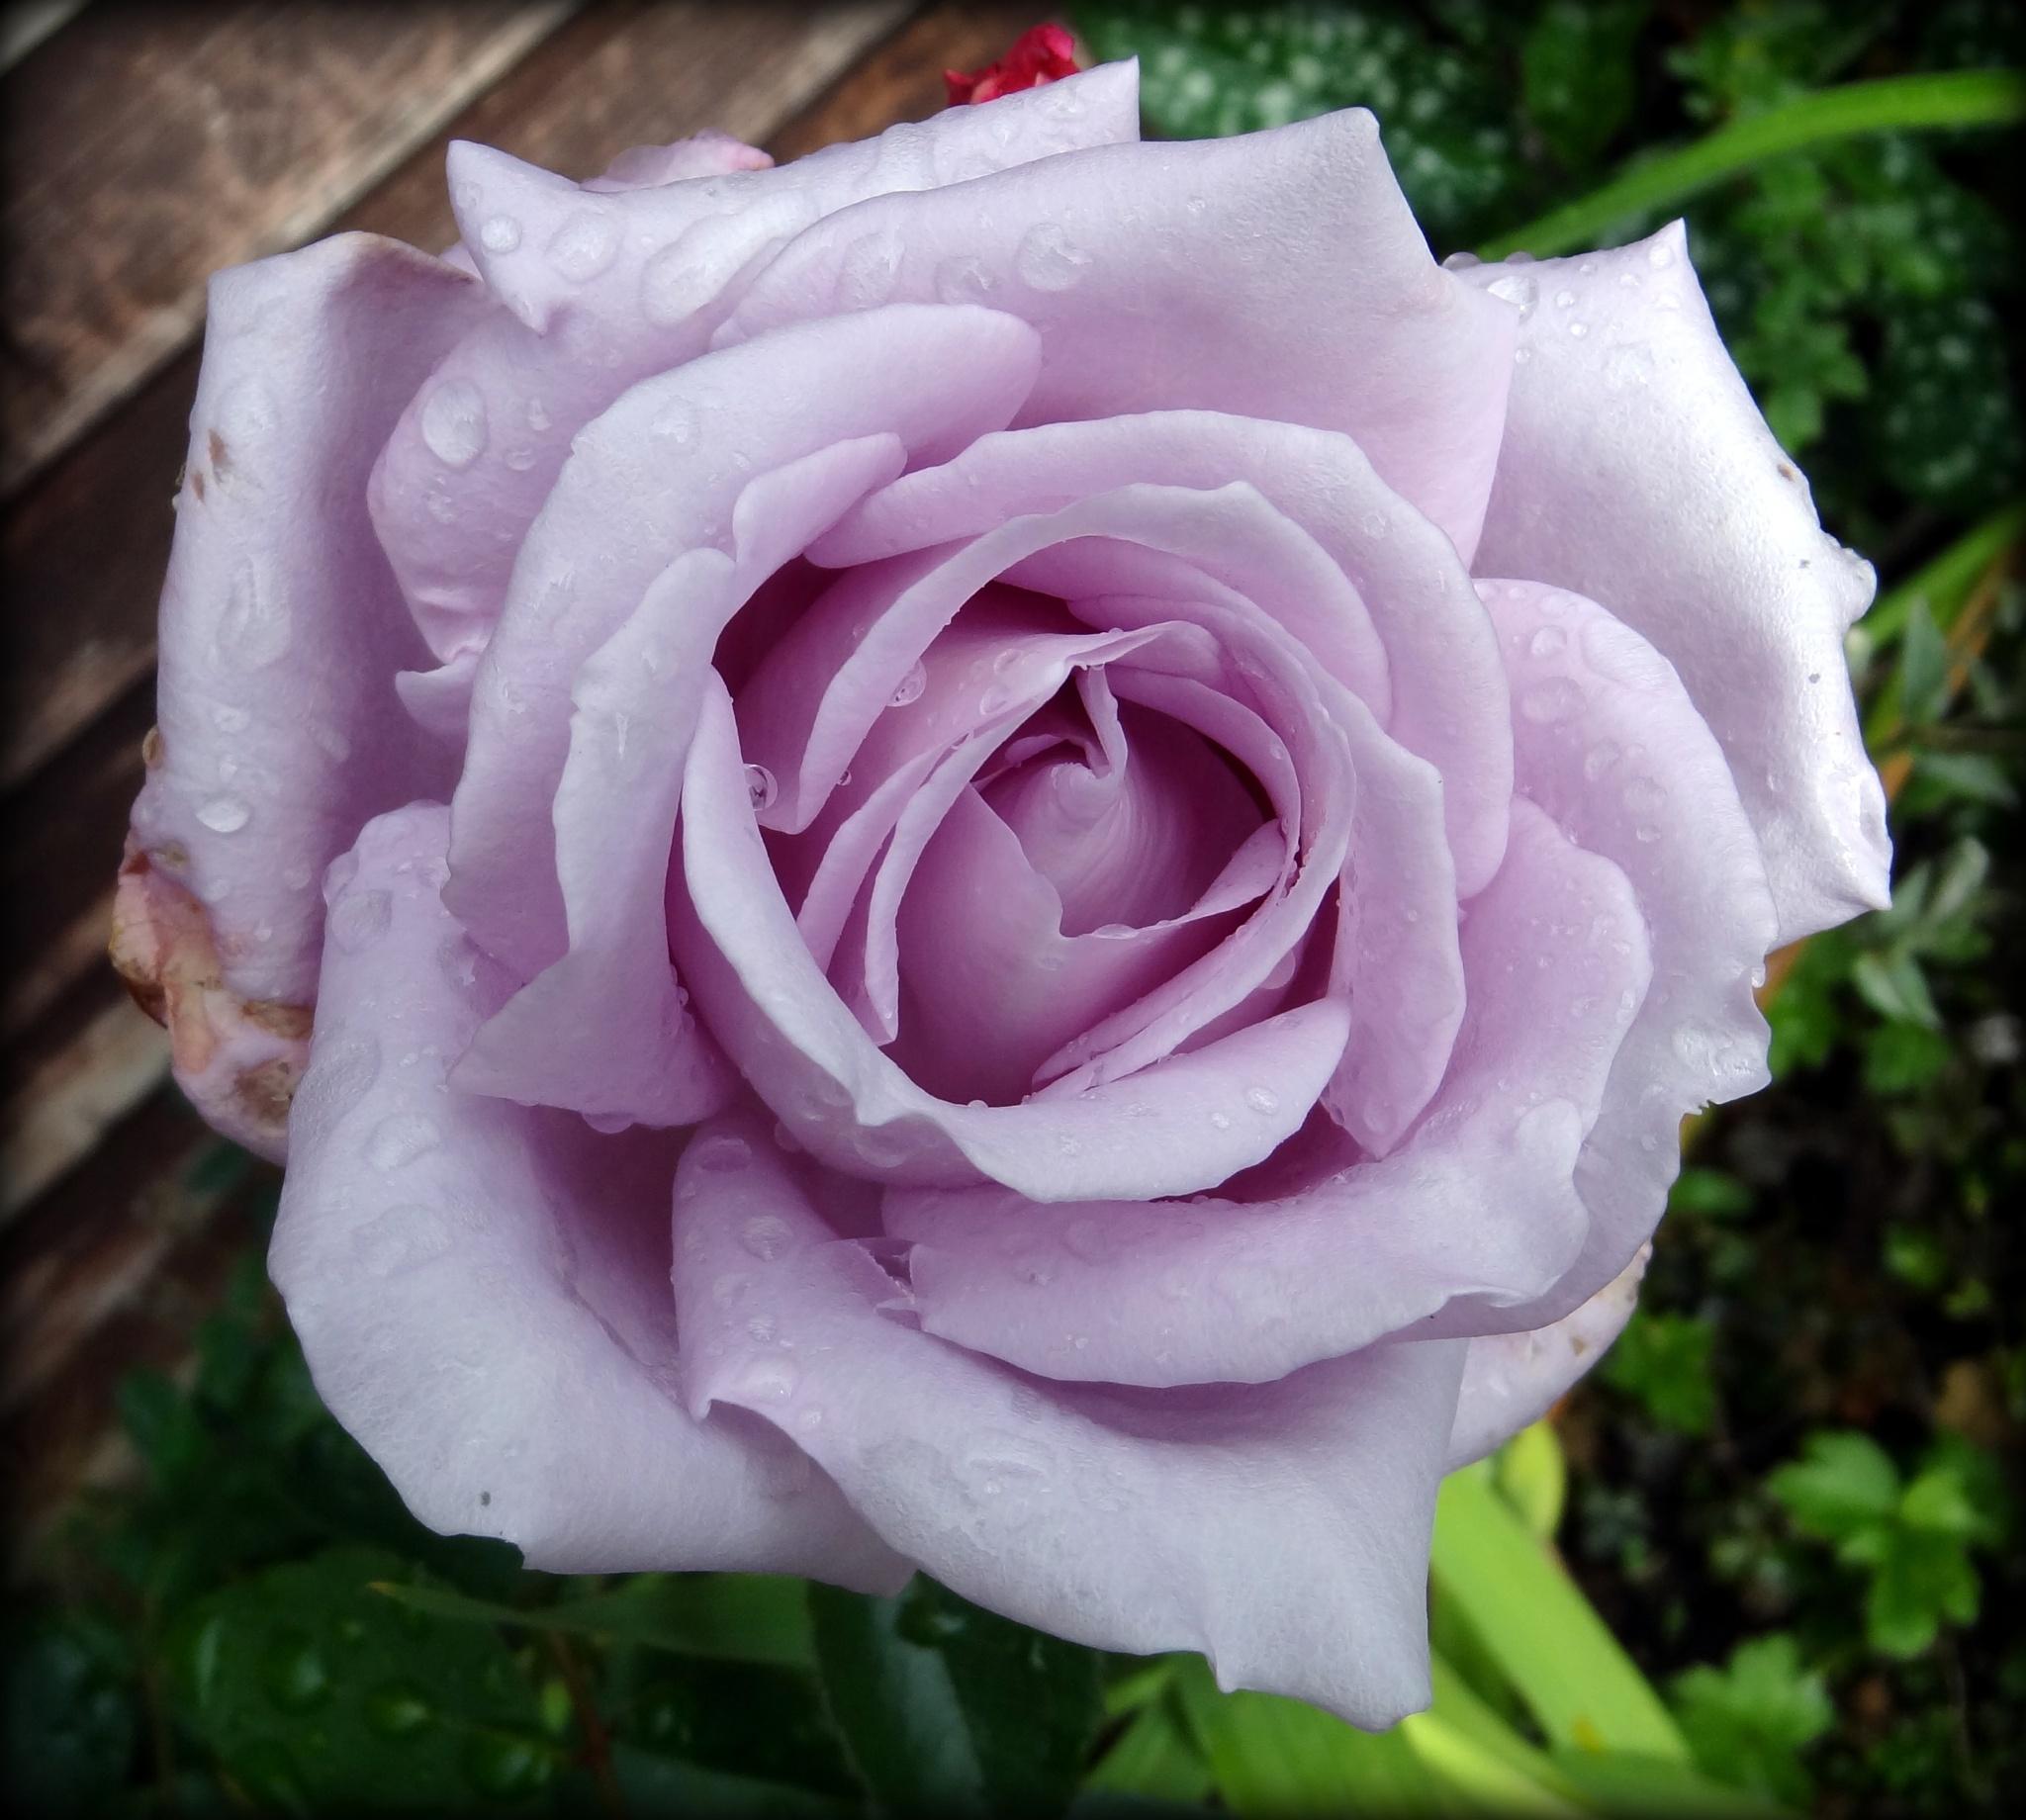 Last Rose of Summer by jcmunckton